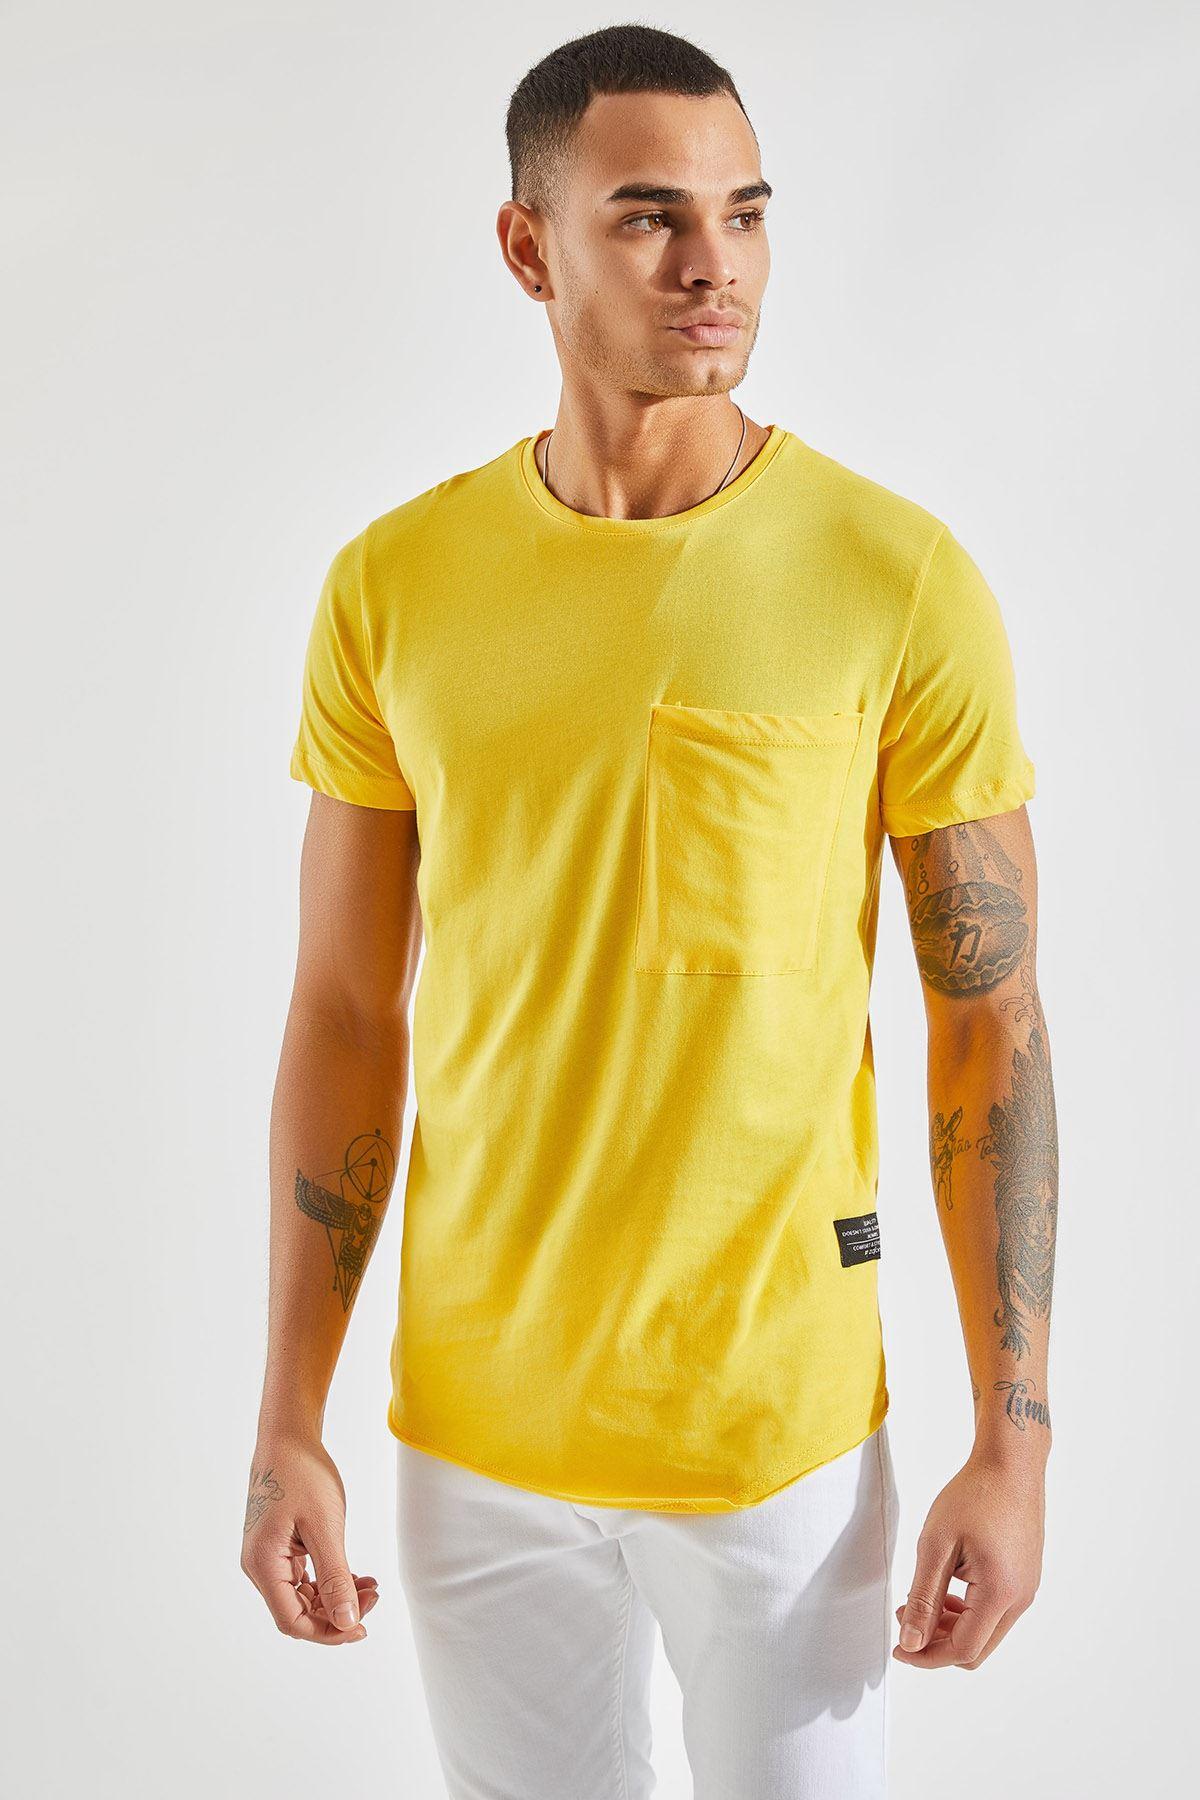 Erkek Verev Kesim Cepli Sarı Tişört